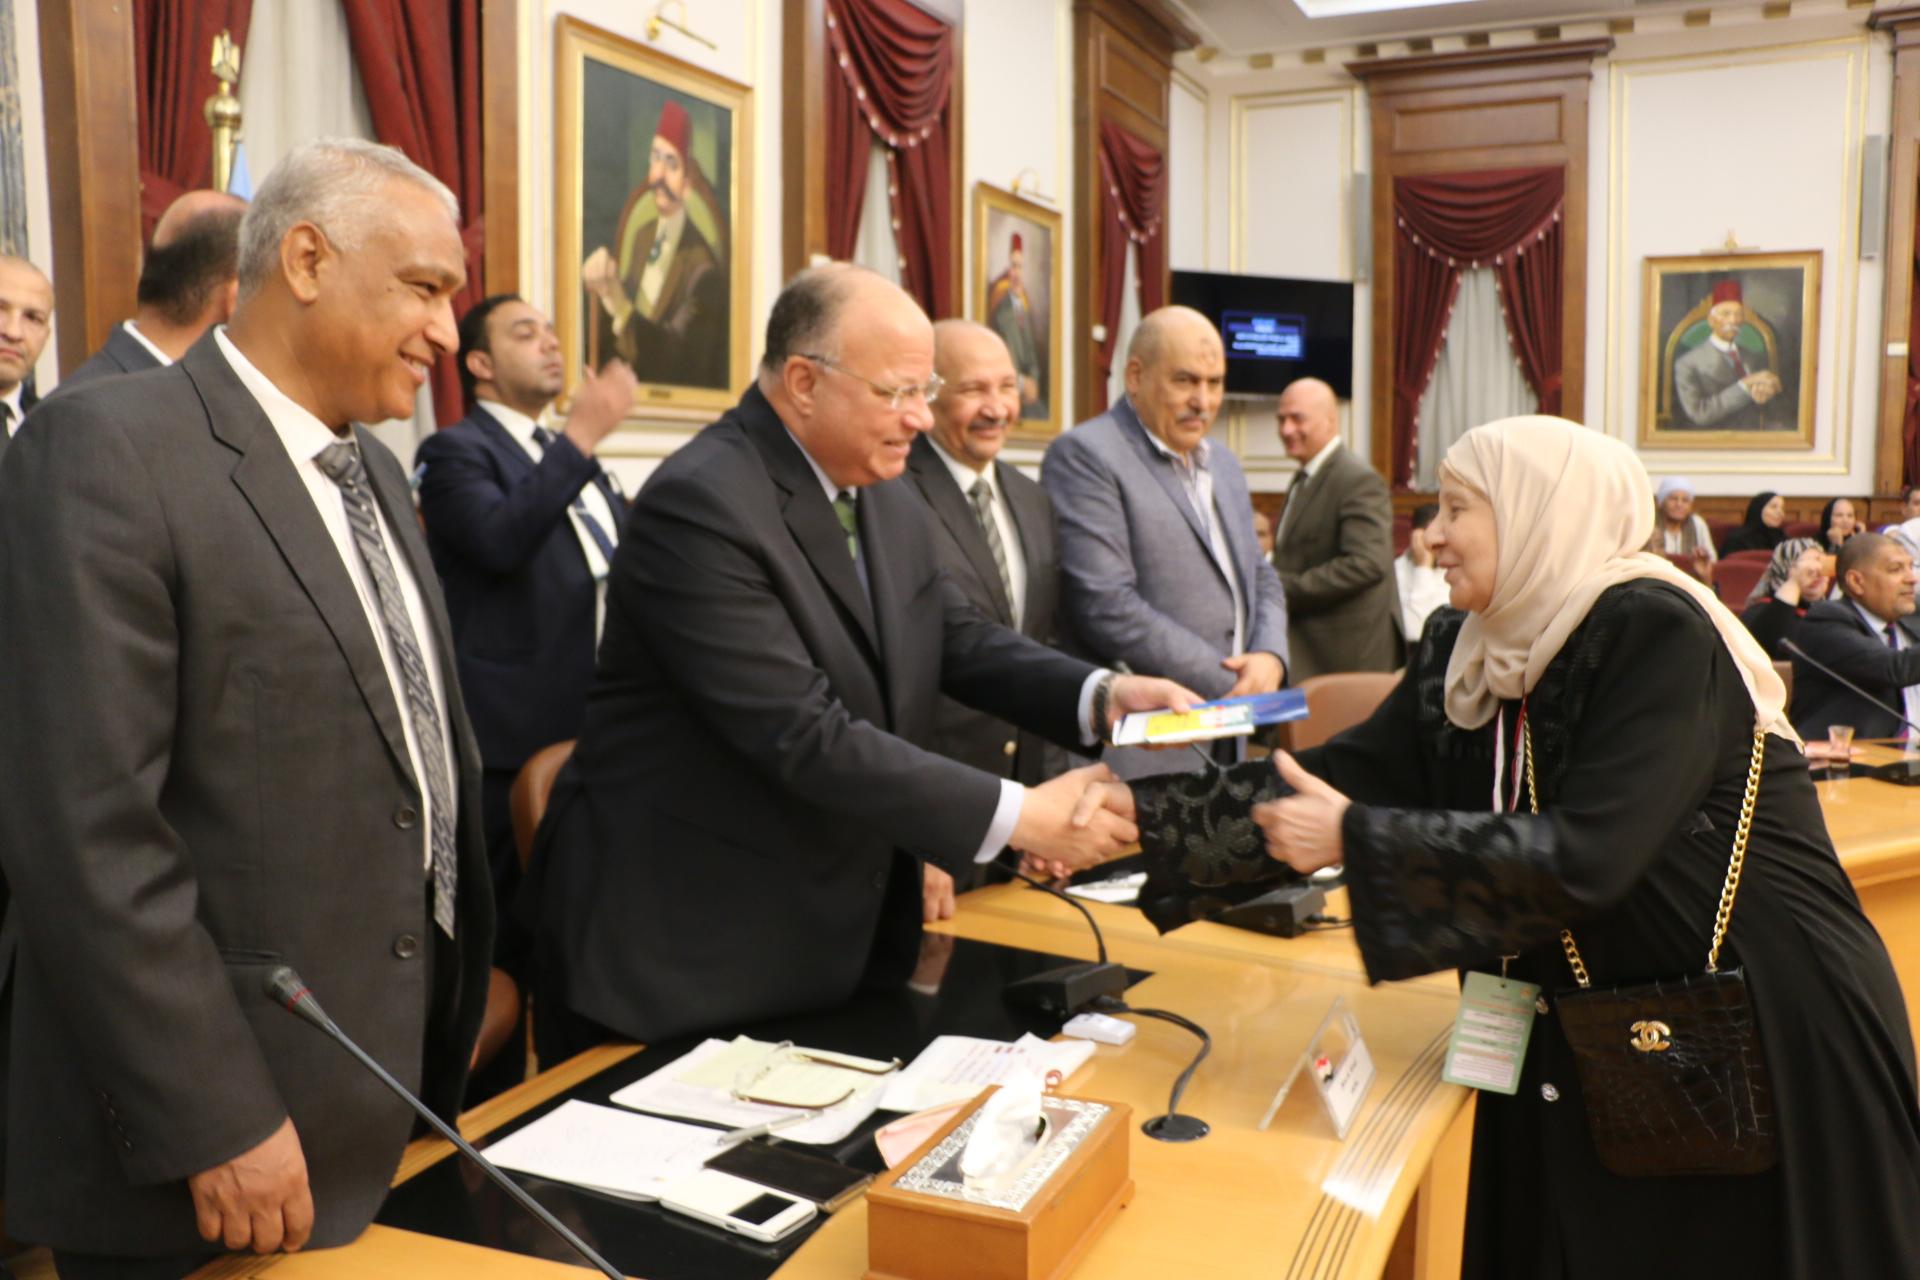 محافظ القاهرة يوزع تأشيرات الحج على حجاج الجمعيات الأهلية (1)